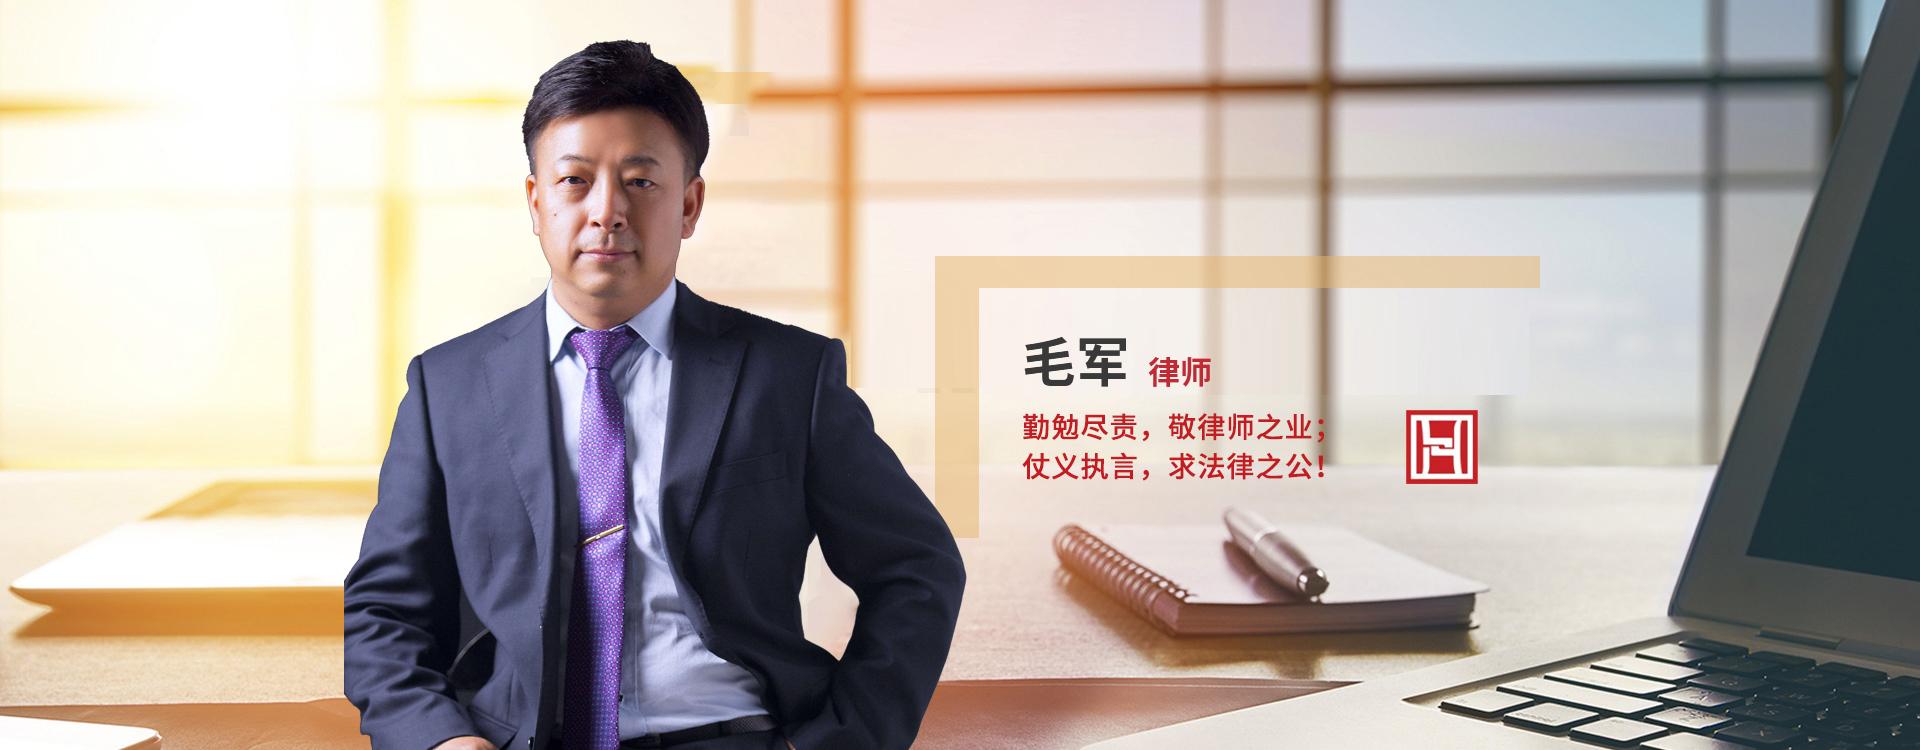 四川昊通(凉山)律师事务所-毛军律师